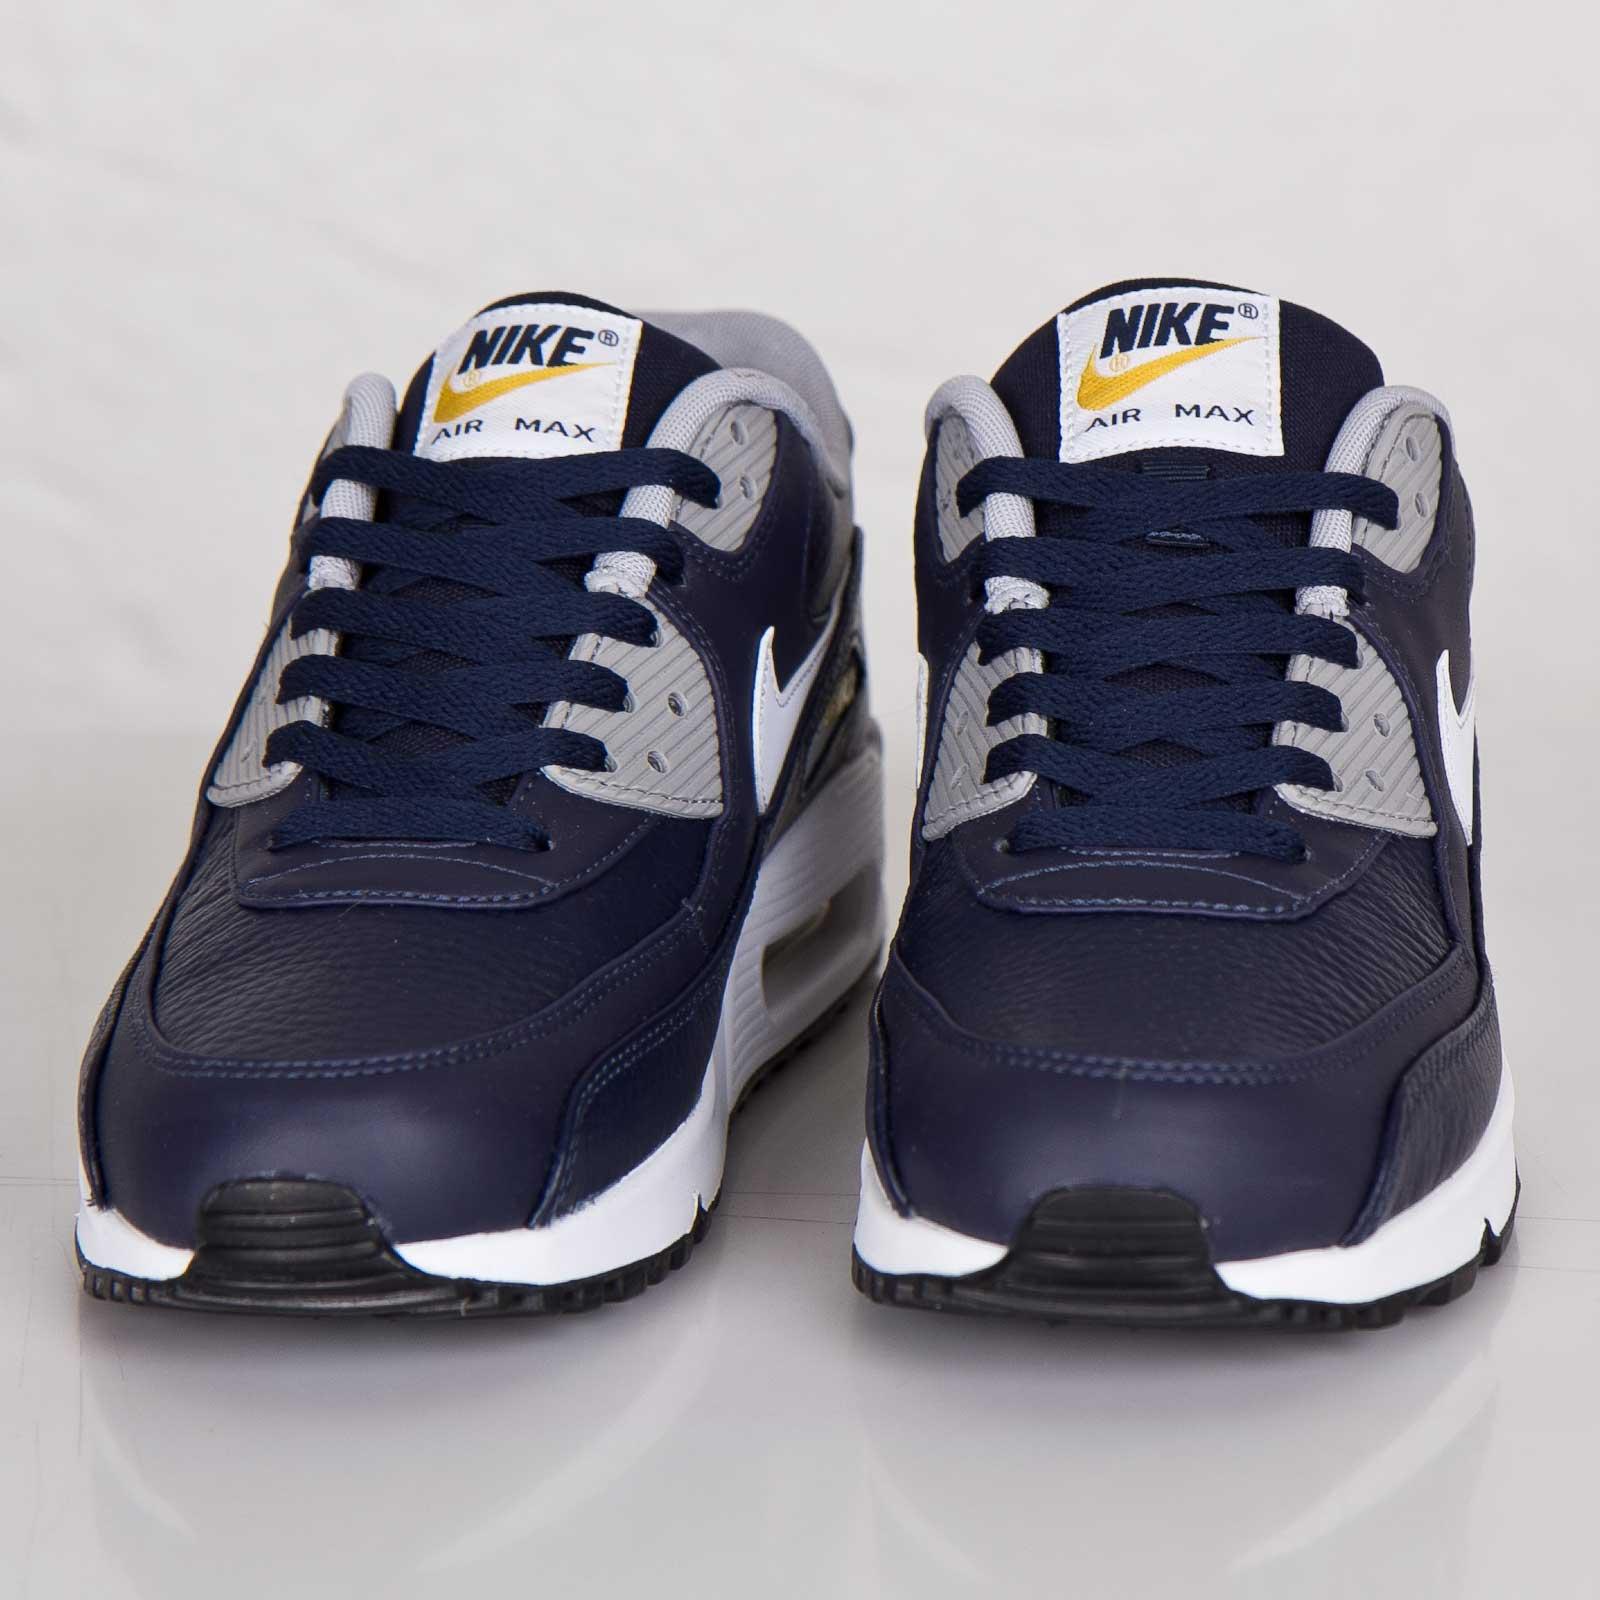 9708c513c2 Nike Air Max 90 LTR - 652980-400 - Sneakersnstuff | sneakers & streetwear  online since 1999